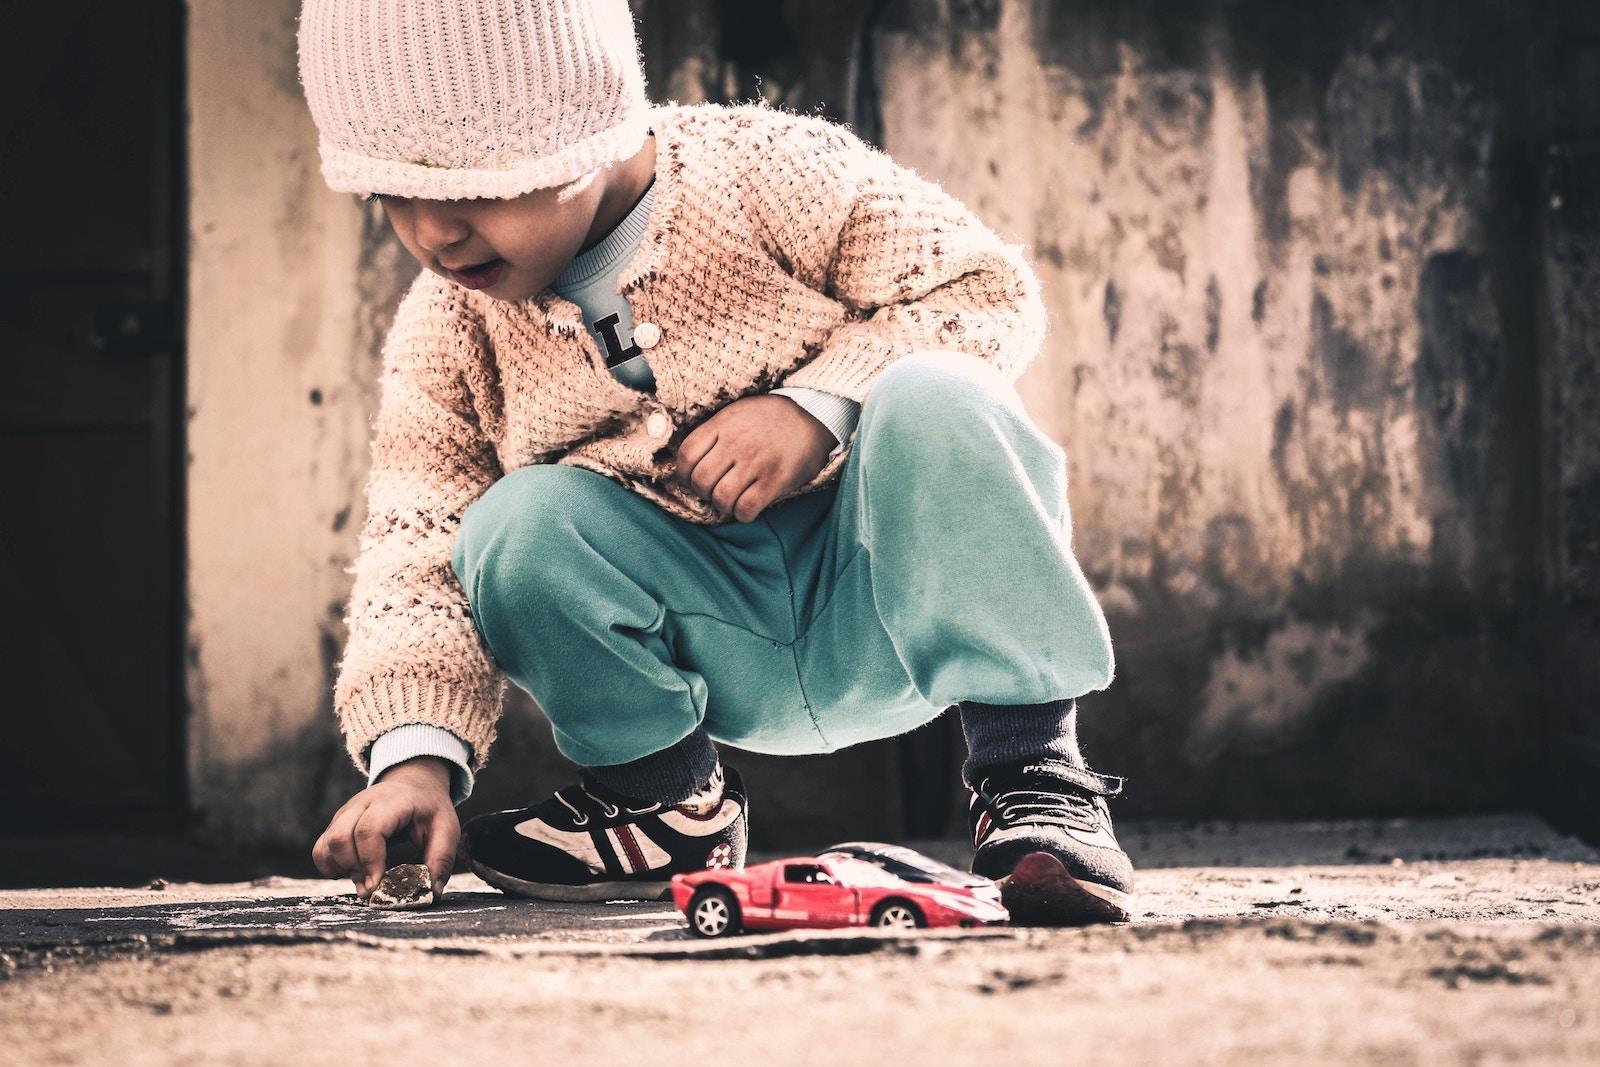 UNICEF попросив людей майнити криптовалюту для благочинності